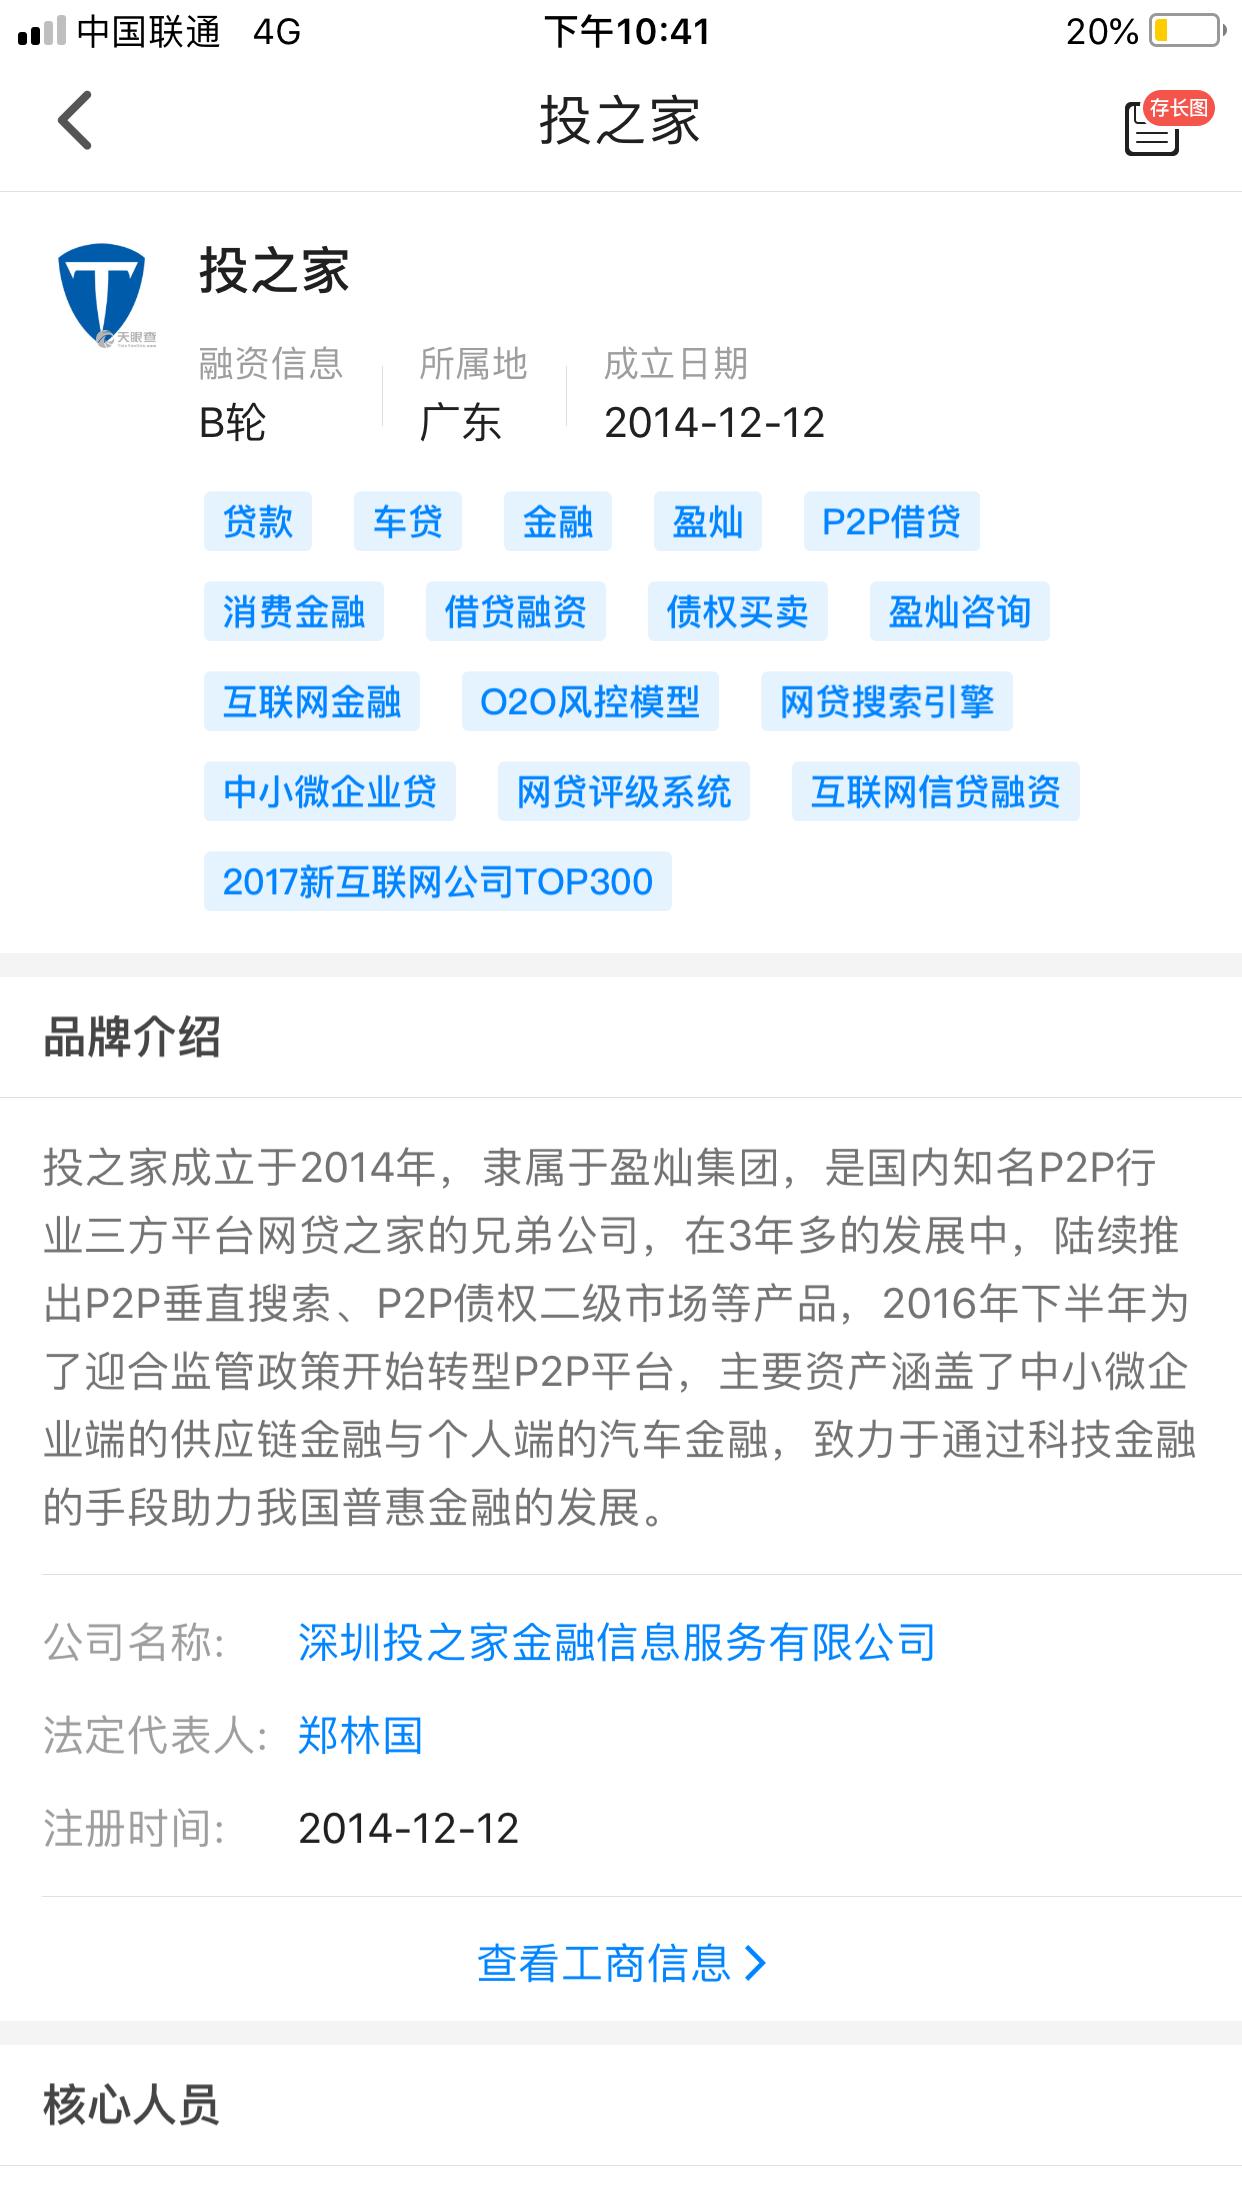 """网贷P2P平台精神领袖""""投之家""""爆雷 跑得快游戏上演"""